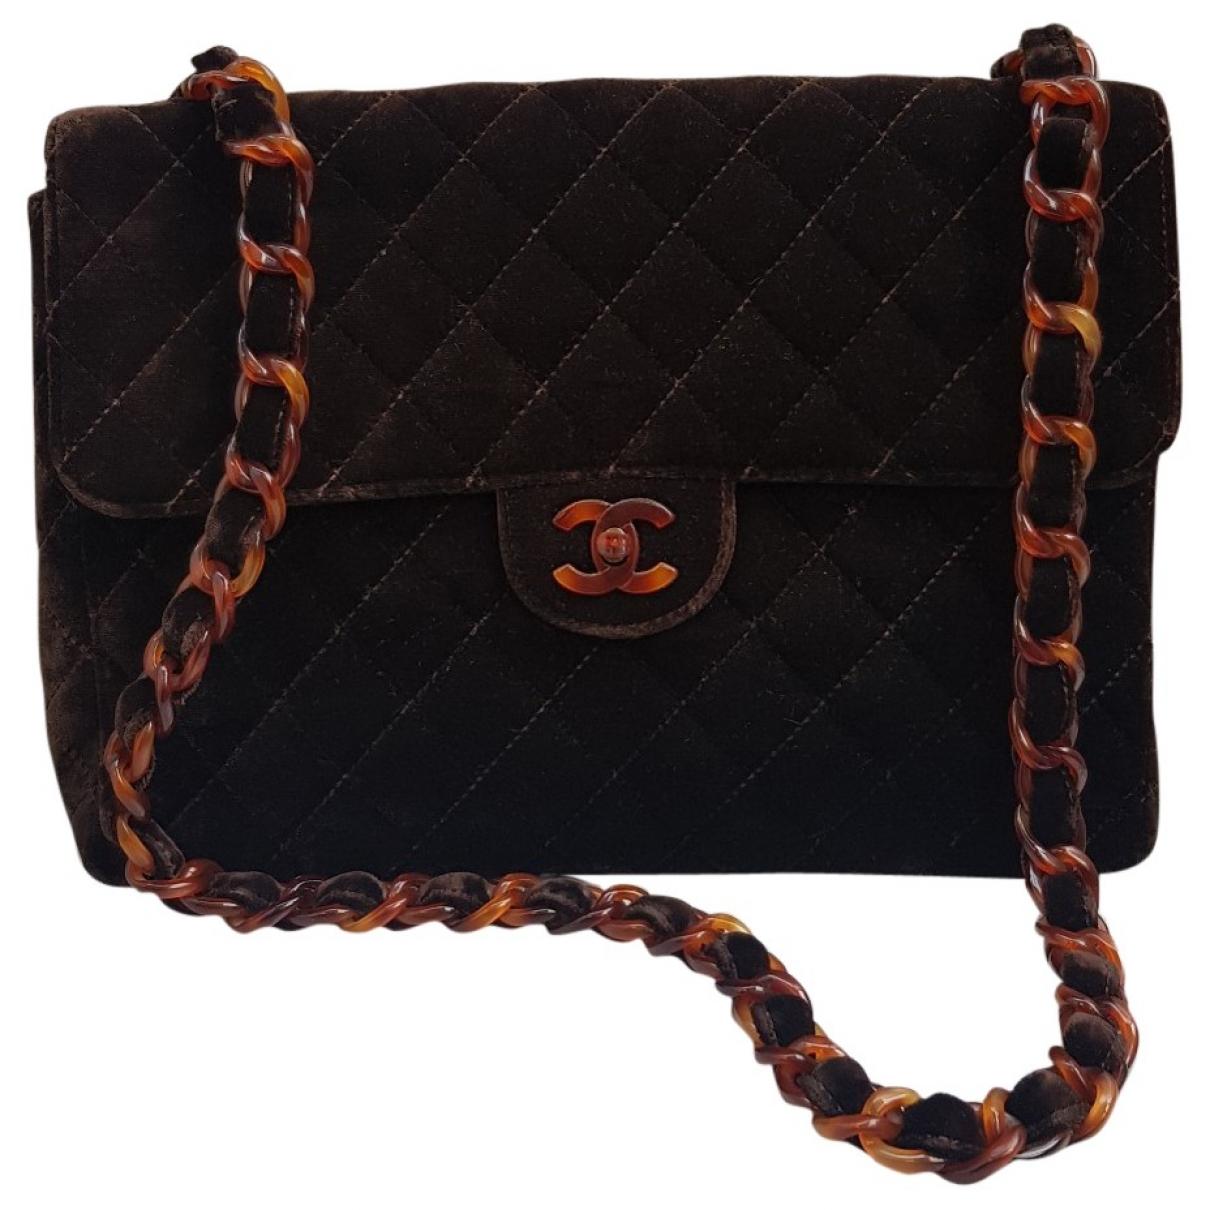 Chanel - Sac a main Timeless/Classique pour femme en velours - marron